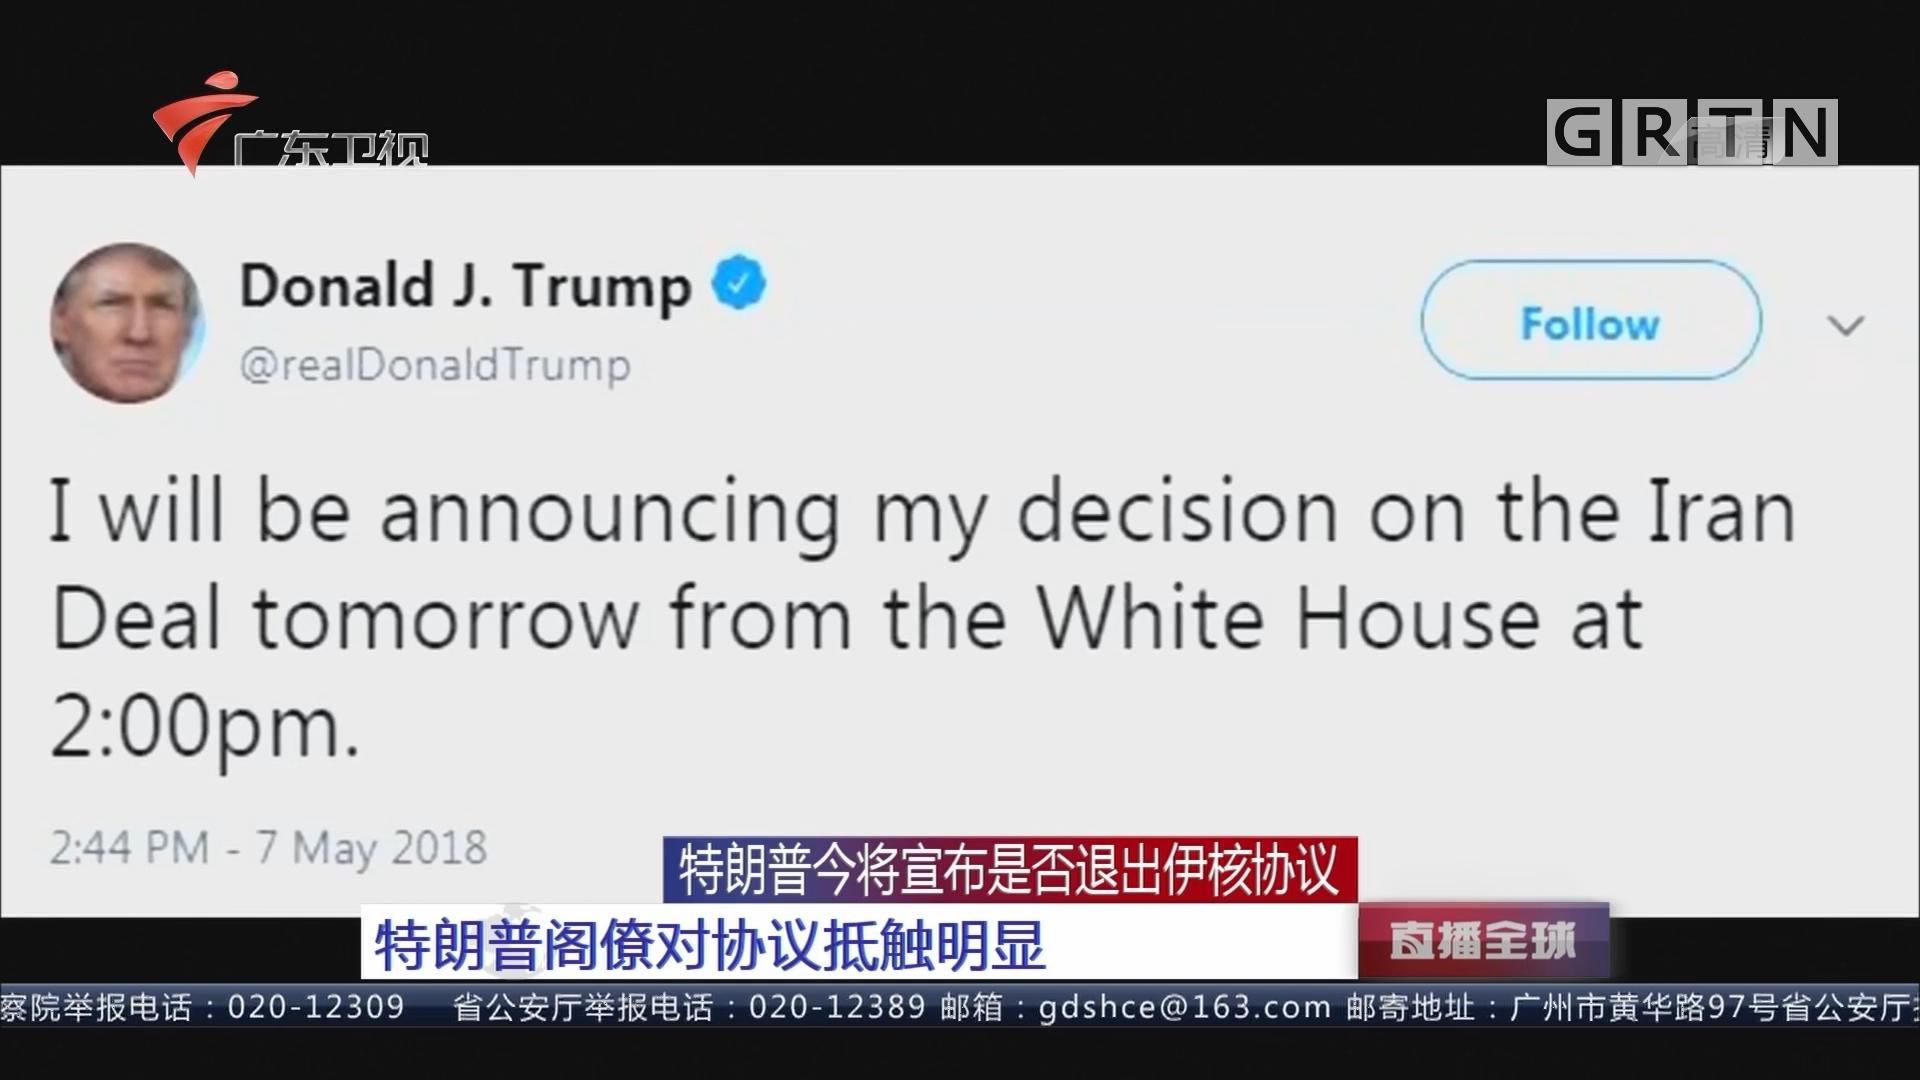 特朗普今将宣布是否退出伊核协议 特朗普阁僚对协议抵触明显